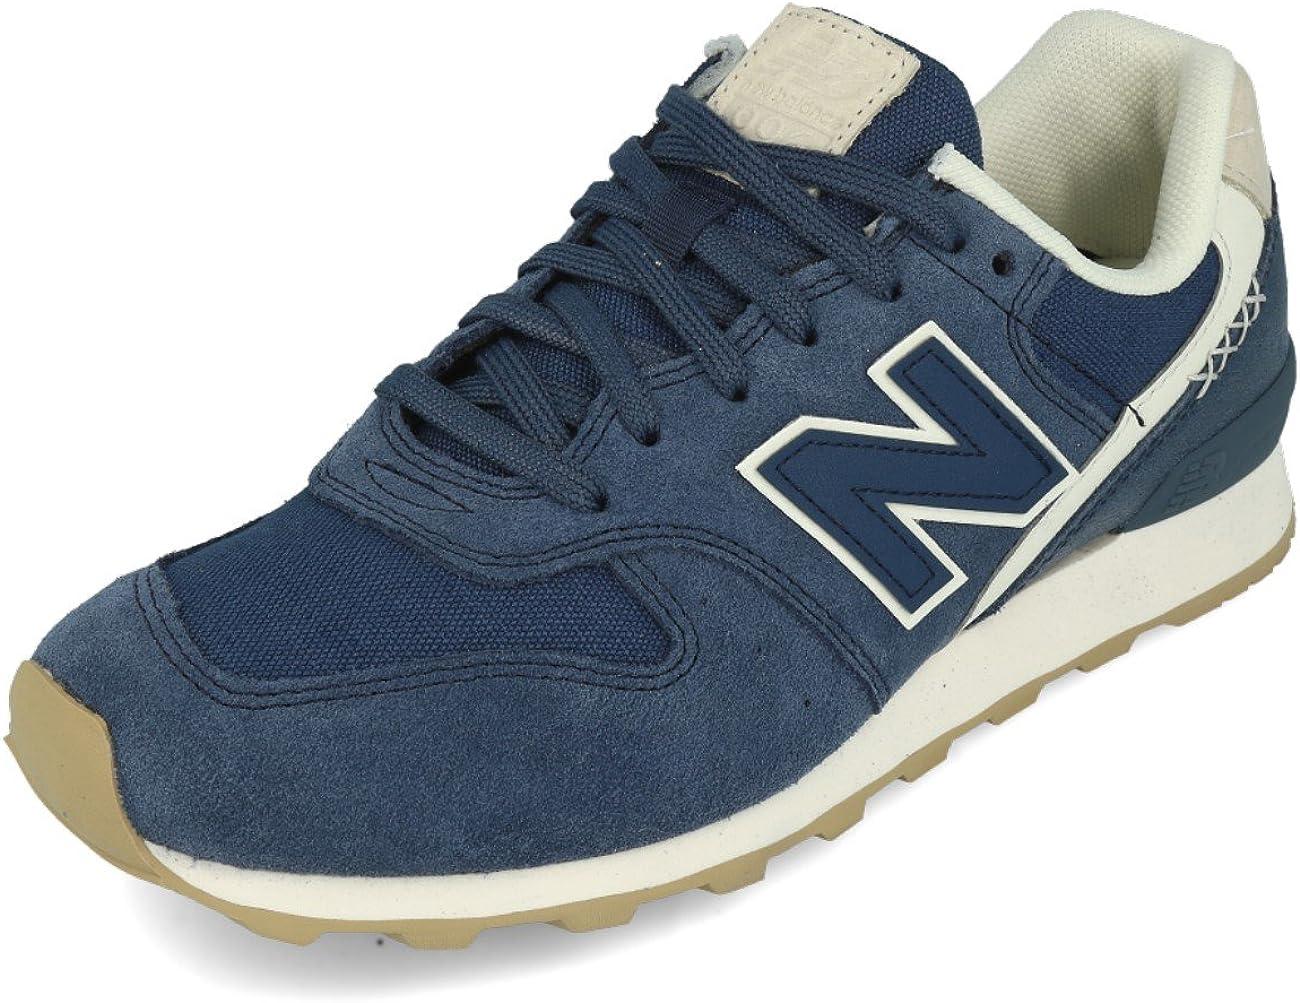 Zapatilla NEW BALANCE WR996 BN Lifestyle 41 Marino: Amazon.es: Zapatos y complementos